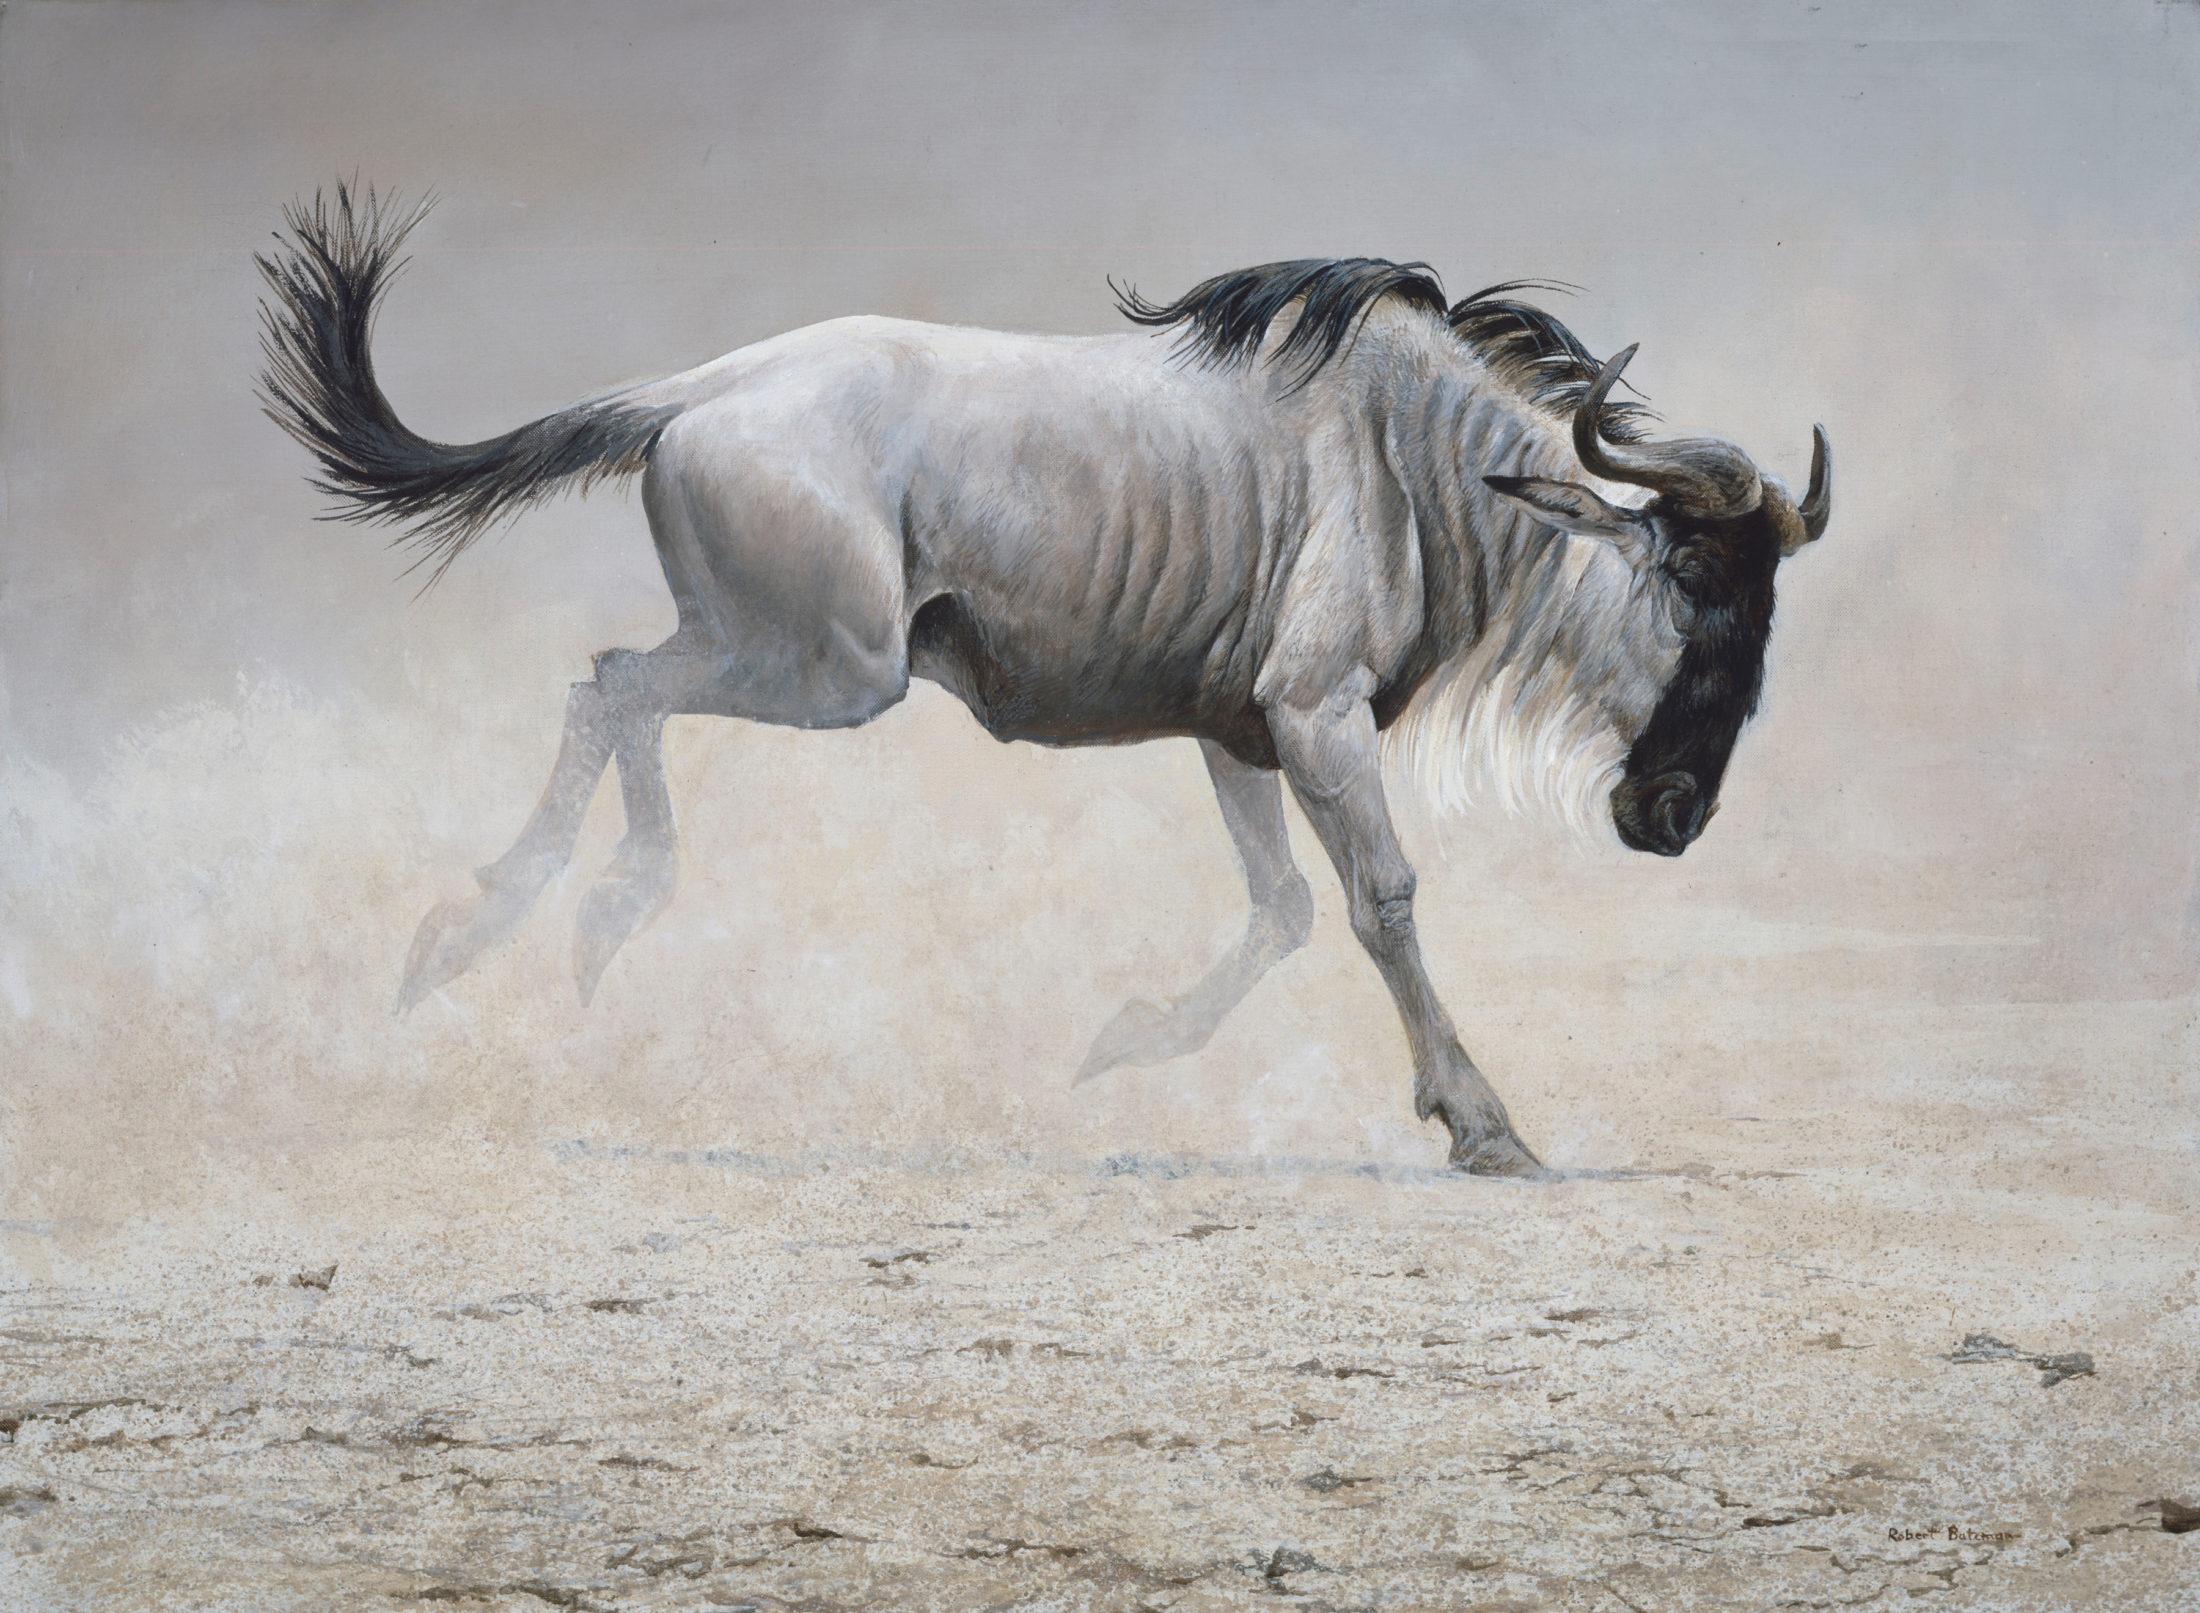 Robert Bateman, Wildebeest